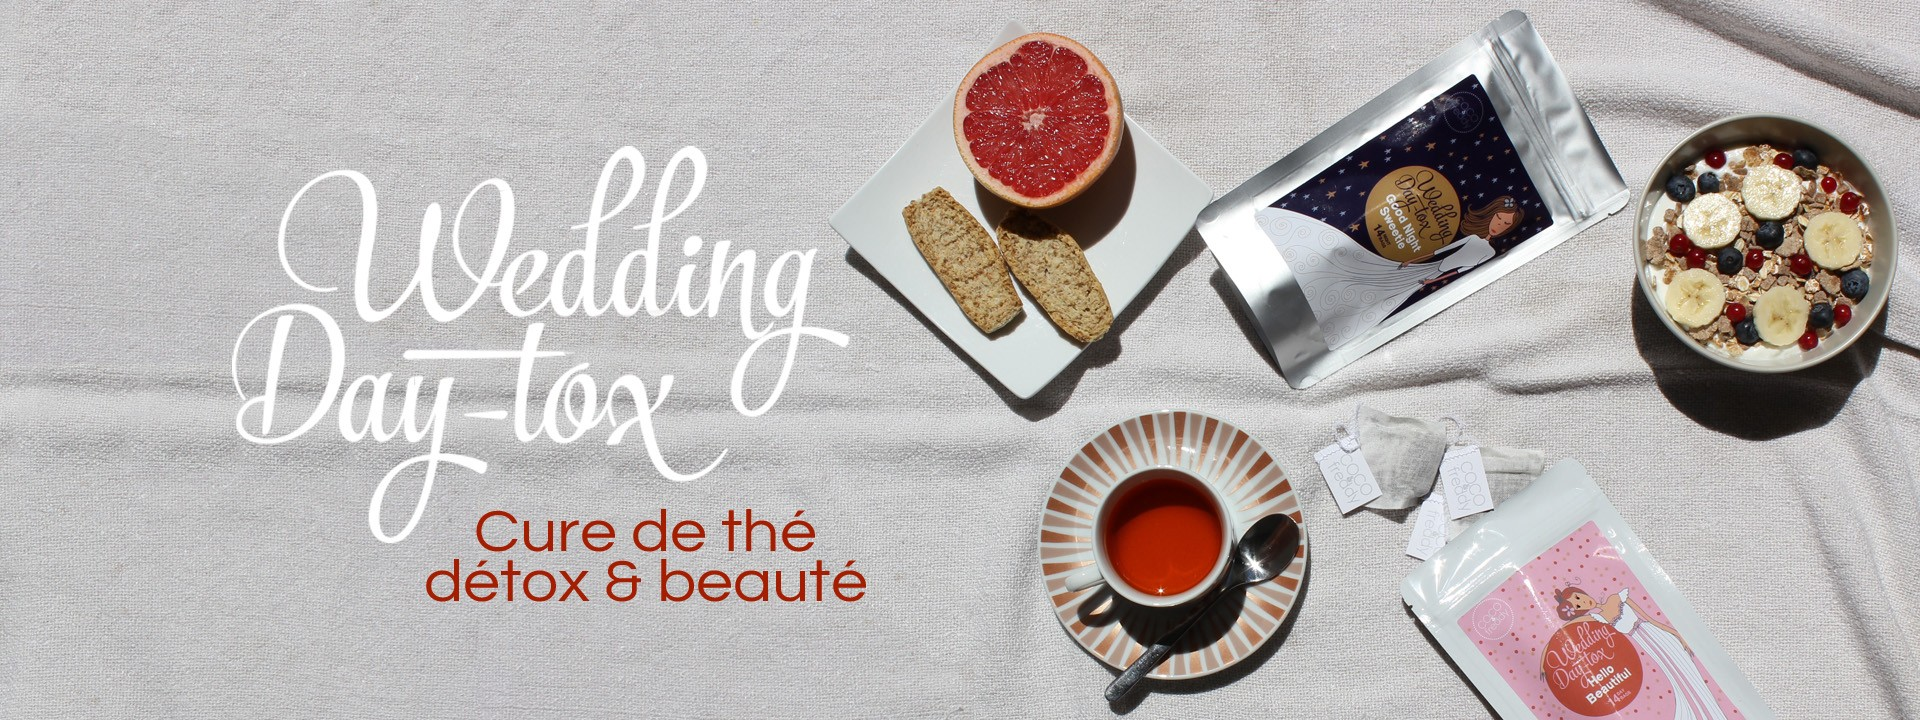 Wedding Day-tox, la première cure de thé et d'infusion détox et beauté pour préparer sereinement le mariage, que l'on soit la future mariée, demoiselle d'honneur ou invité.